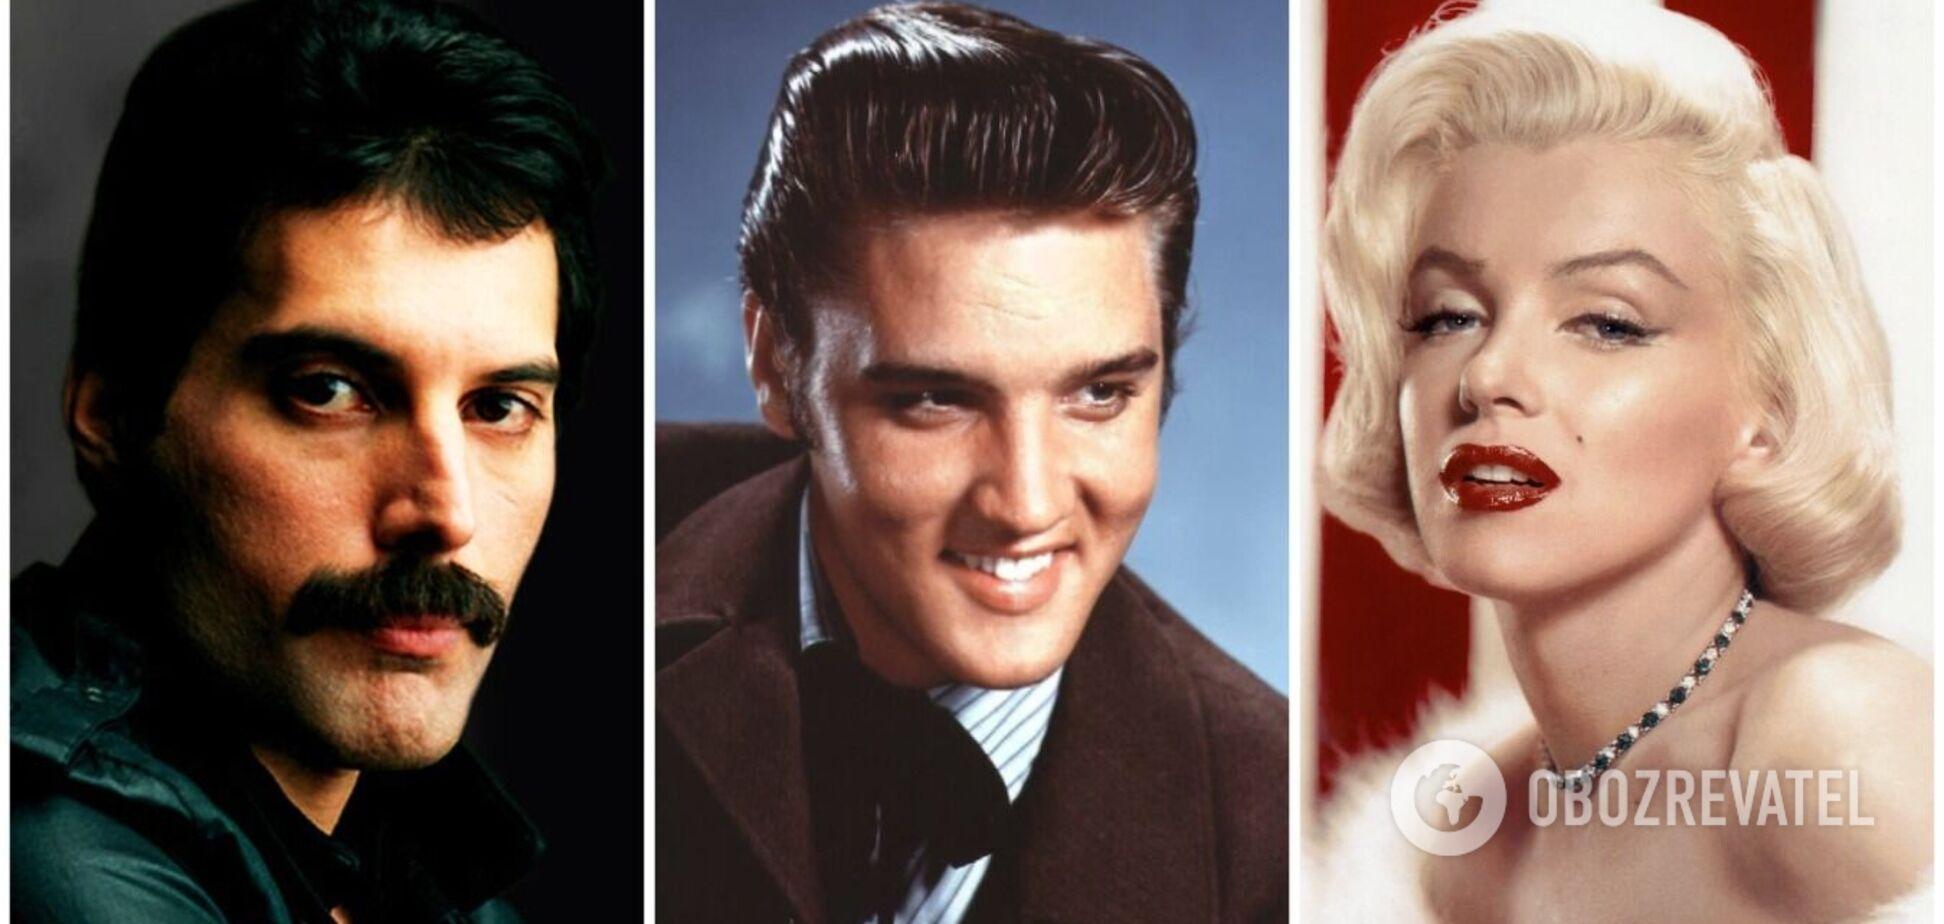 Як би виглядали зараз Елвіс Преслі, Мерилін Монро та інші знаменитості, які загинули молодими